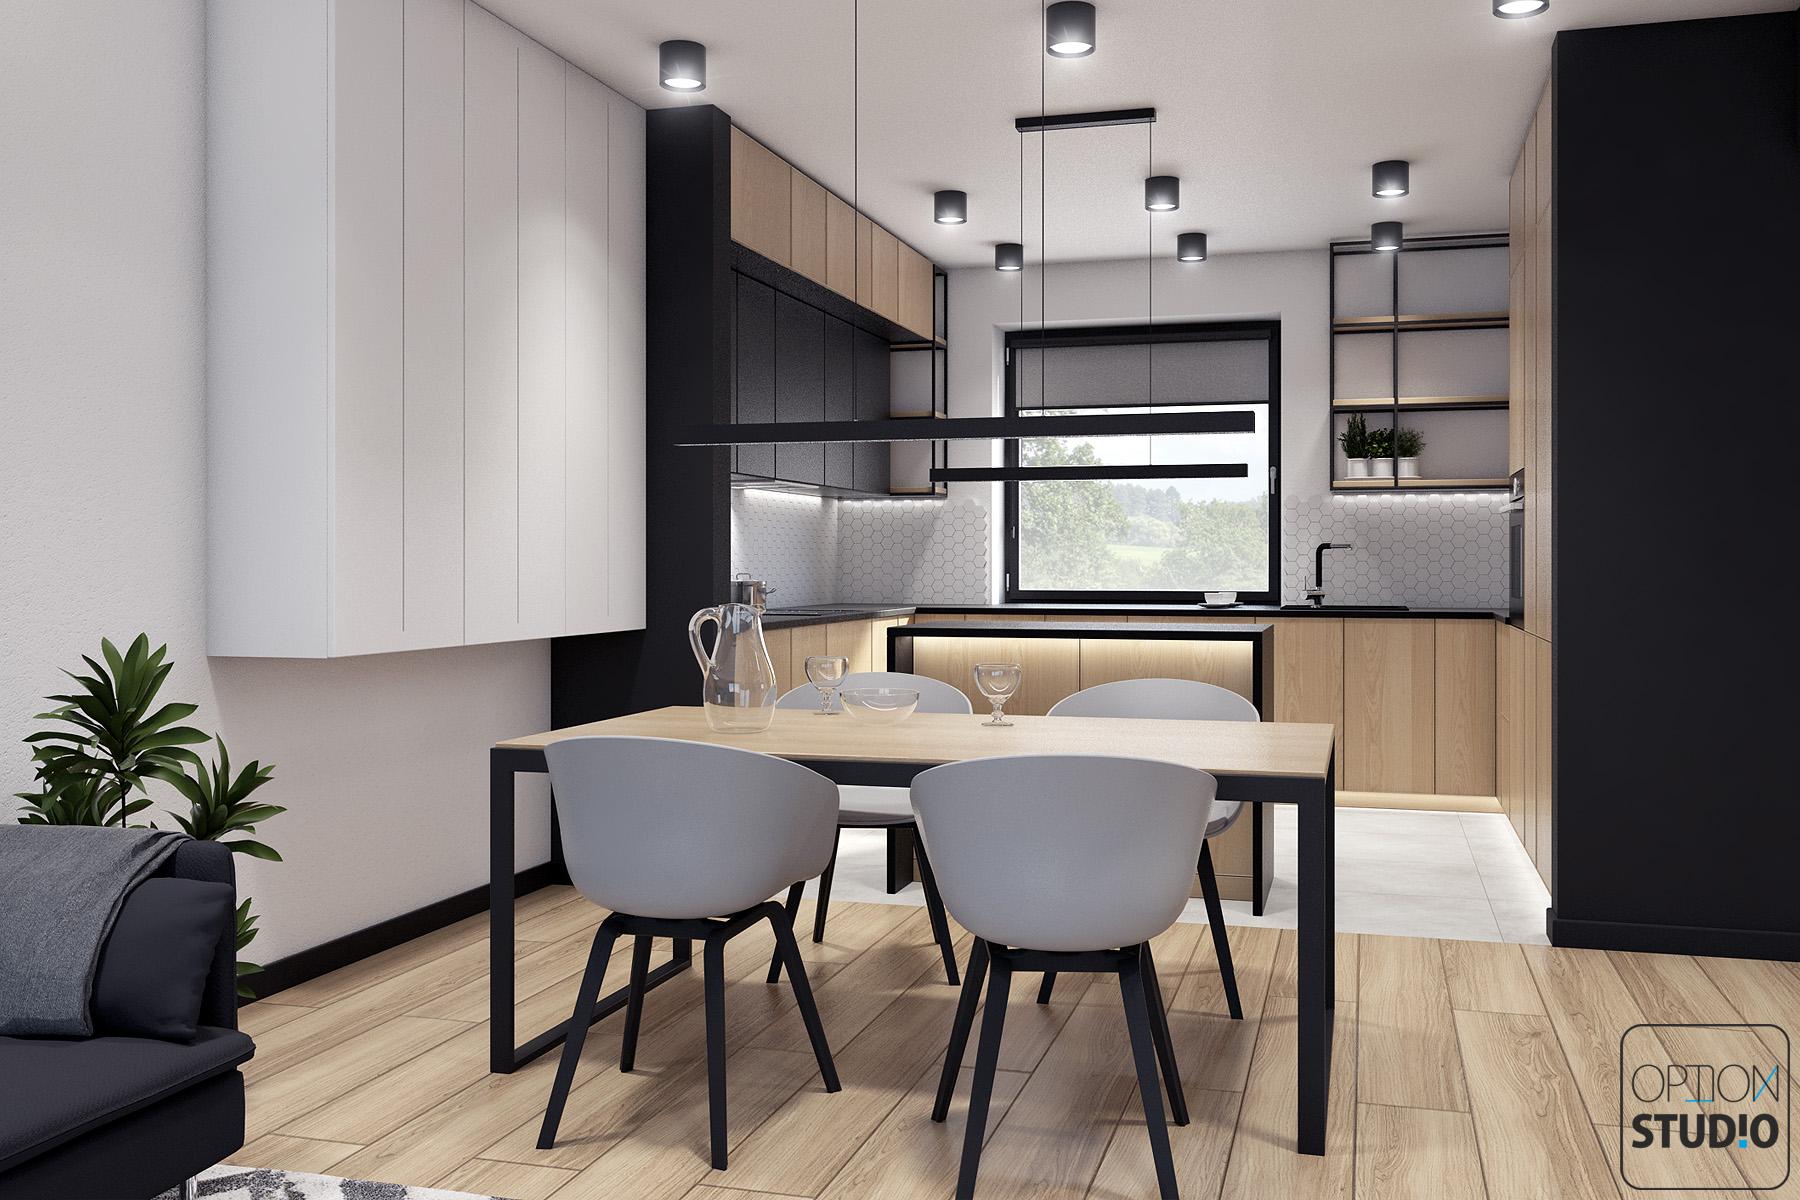 Architekt wnętrz - projekty wnętrz nowoczesnych - salon z aneksem kuchennym - aranżacje wnętrz domu pod Łodzią 2